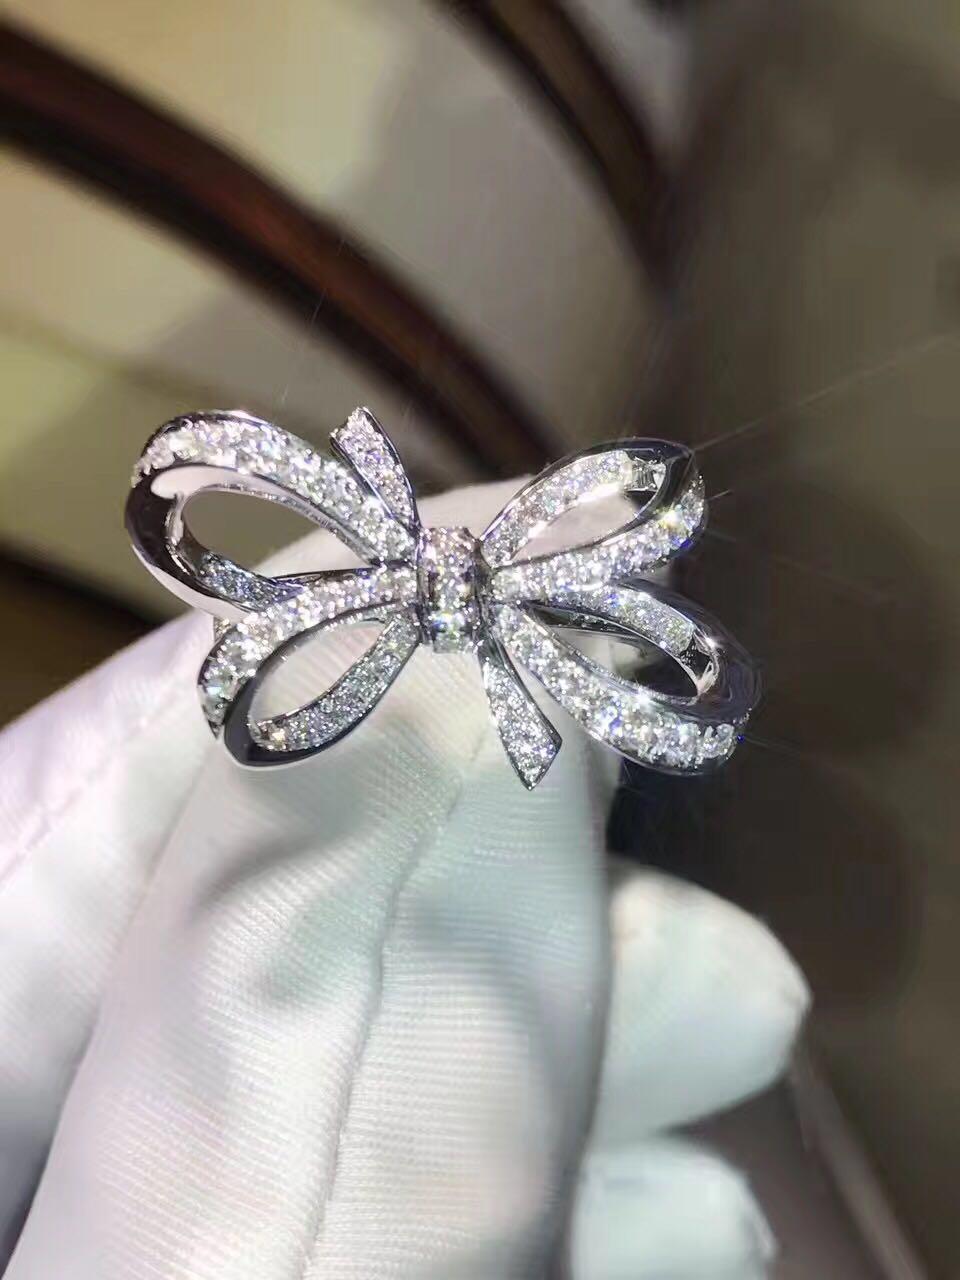 TR020 bijoux sona simulé des bagues de gemme pour les femmes, bague en argent Sterling anneau ouvert, anneau d'arc